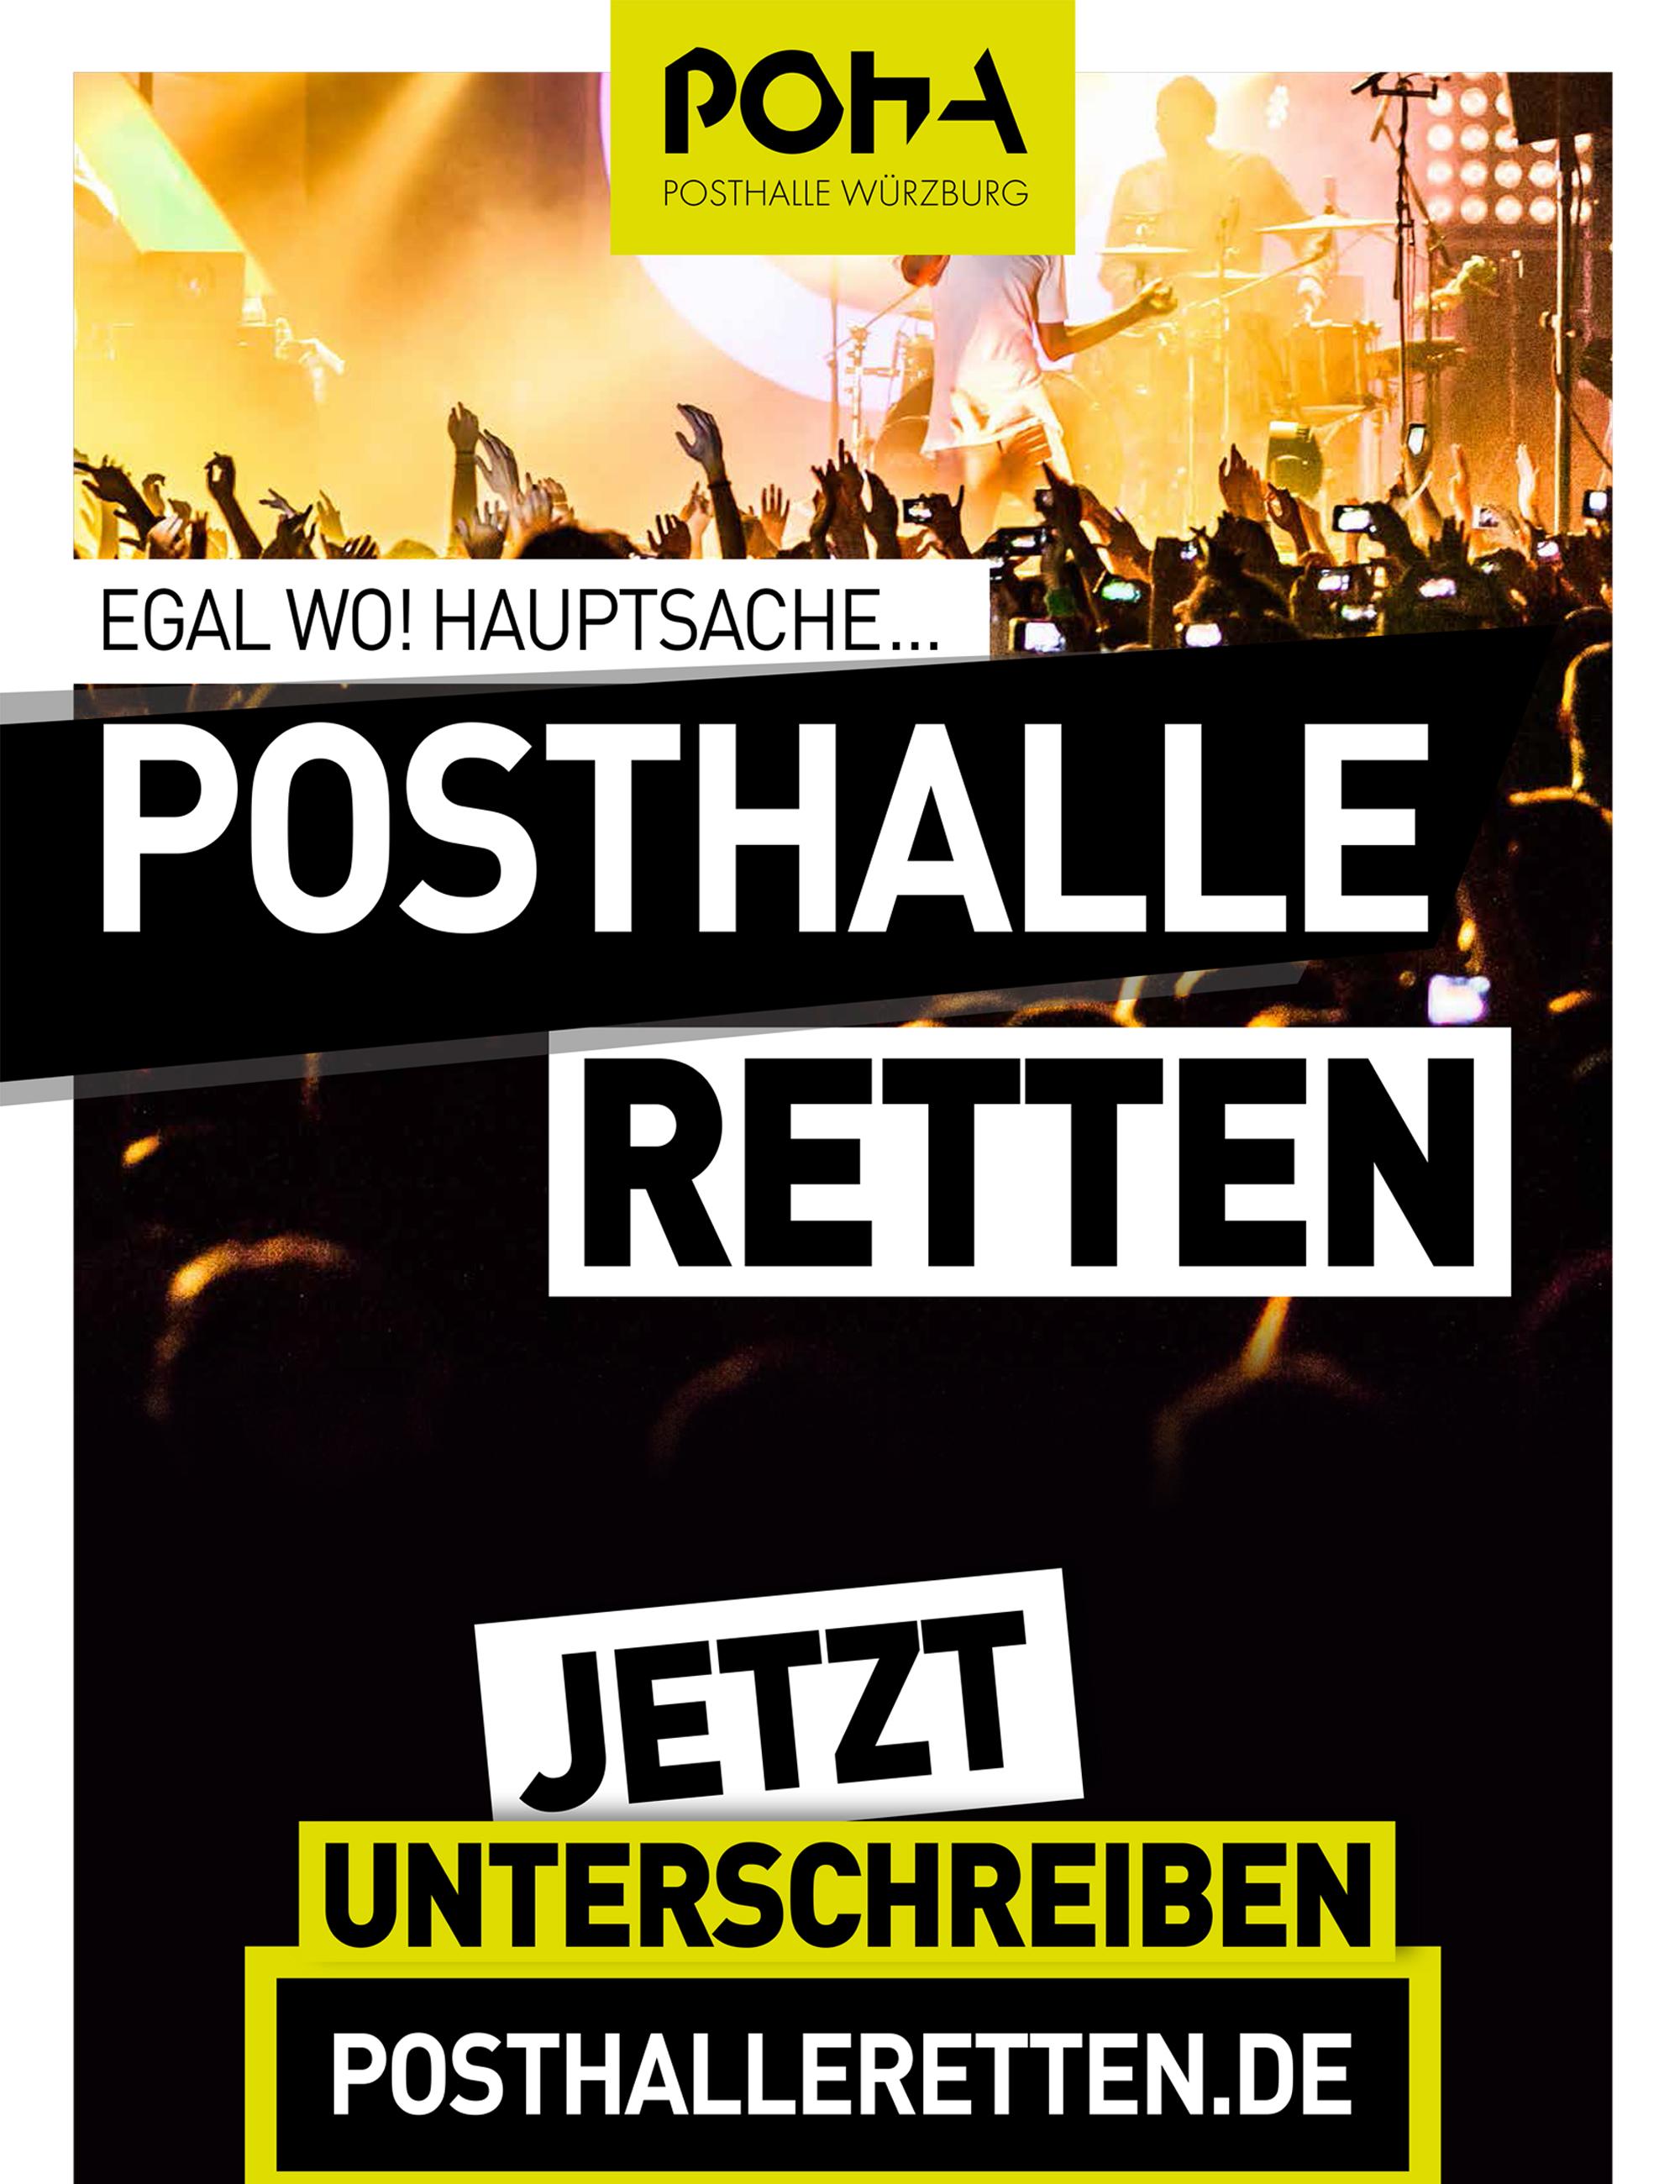 Projekt Posthalle Retten Design